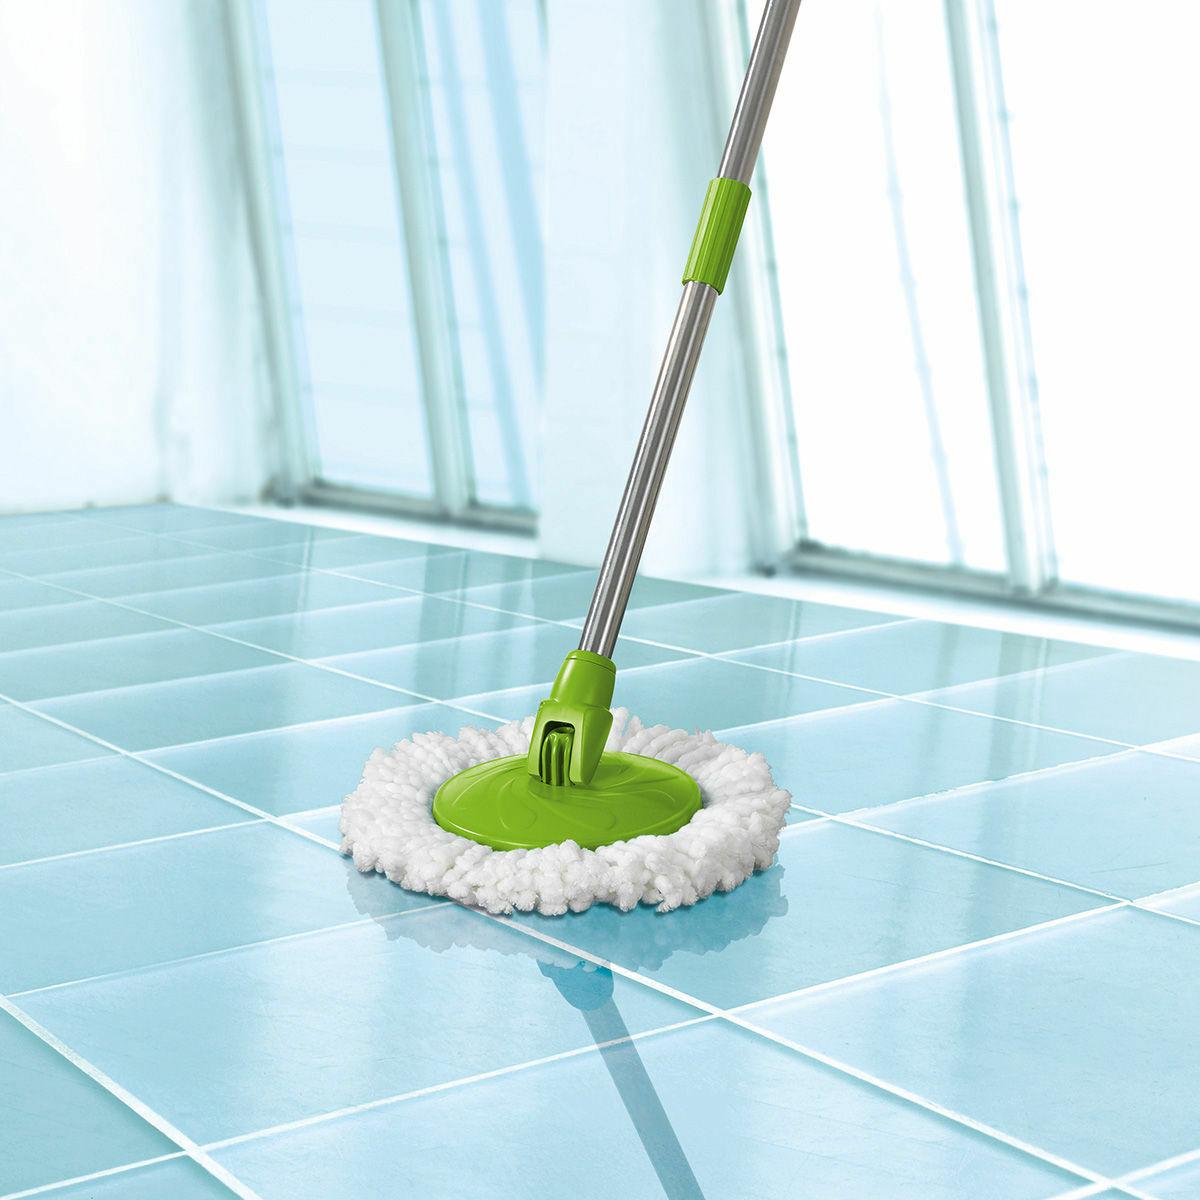 Bild 2 von Cleanmaxx Spray-Mop Triple